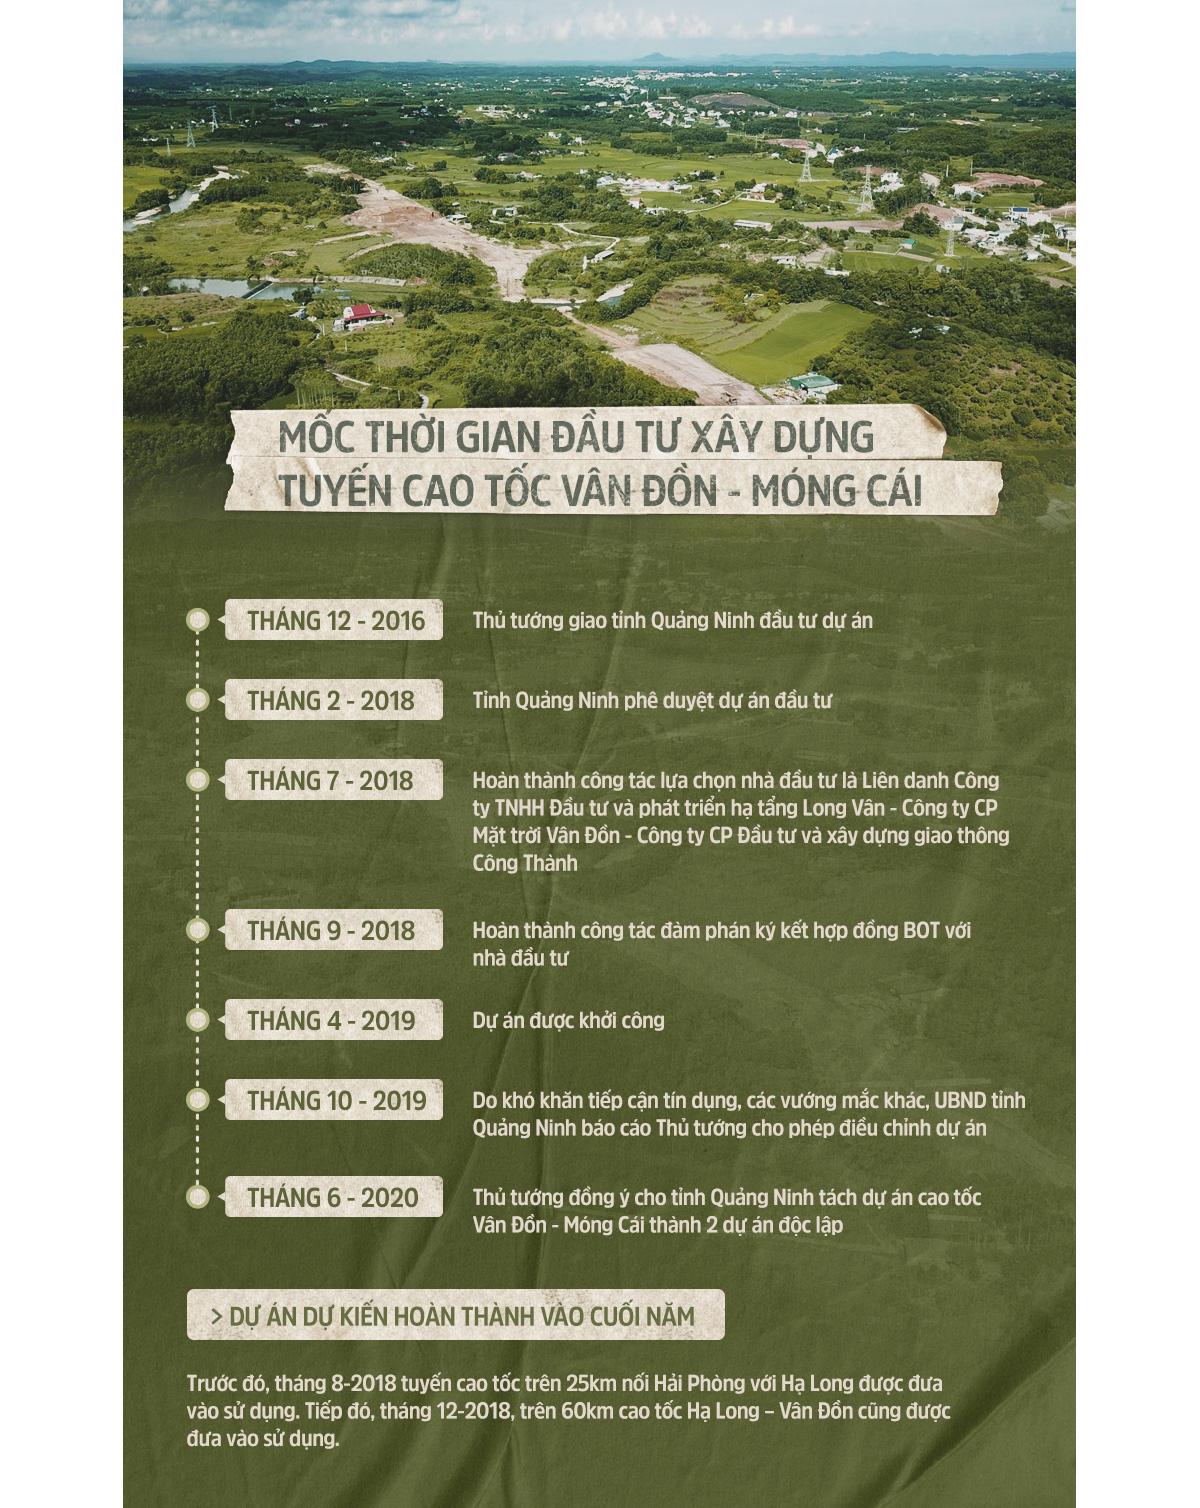 Quảng Ninh - Vì một tuyến cao tốc dài nhất Việt Nam - Ảnh 9.